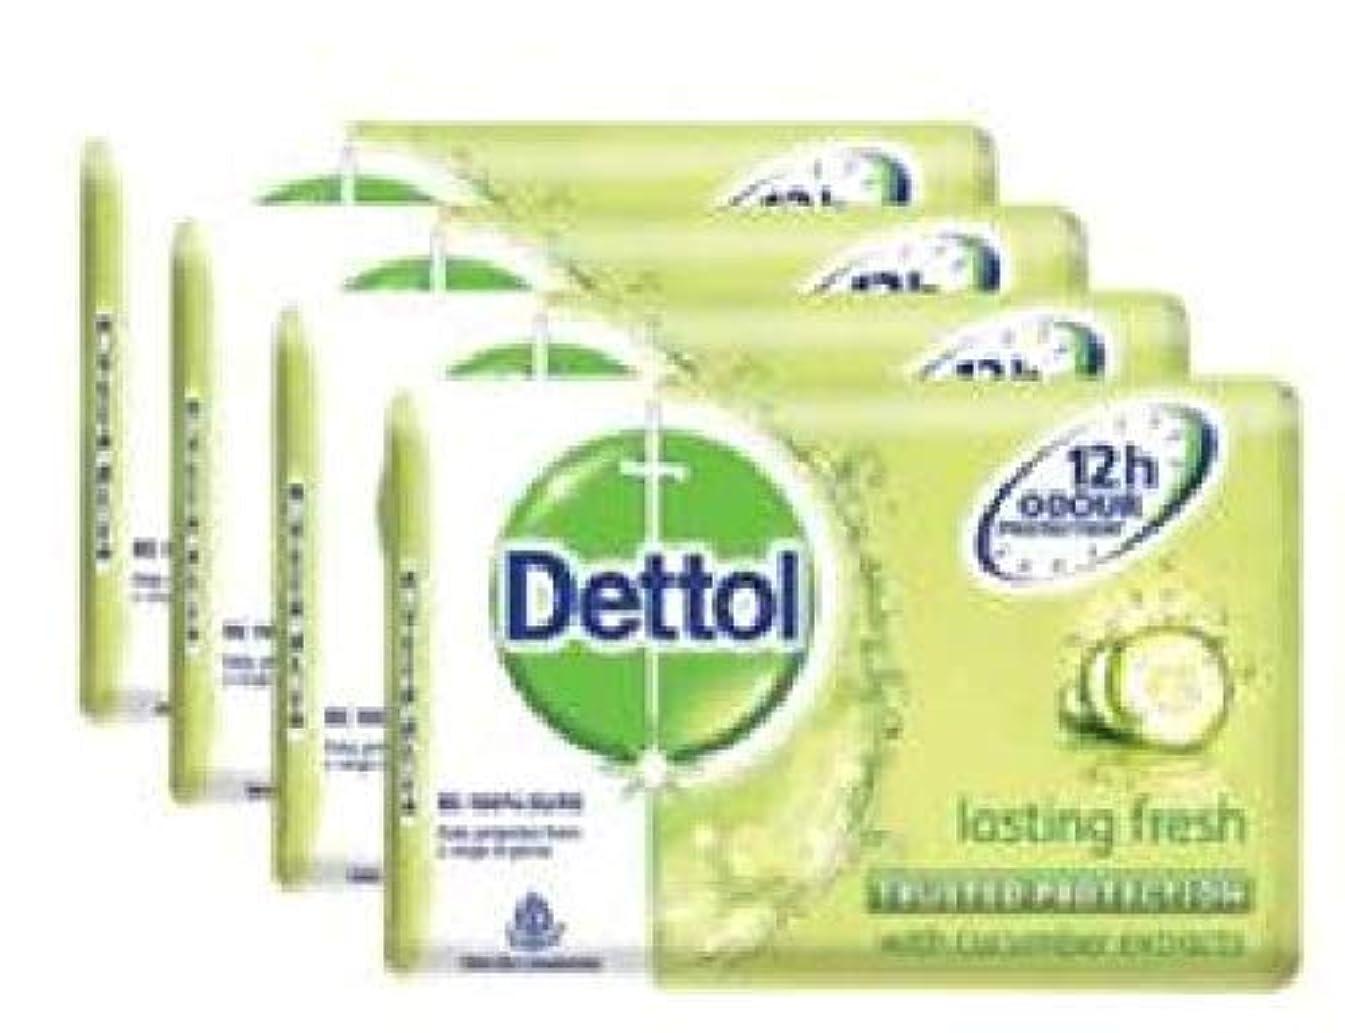 氷グレートオーク中央値Dettol 新鮮4x105g-を持続固形石鹸は、あなたが自由生殖続け、石鹸は肌にもとても優しいです